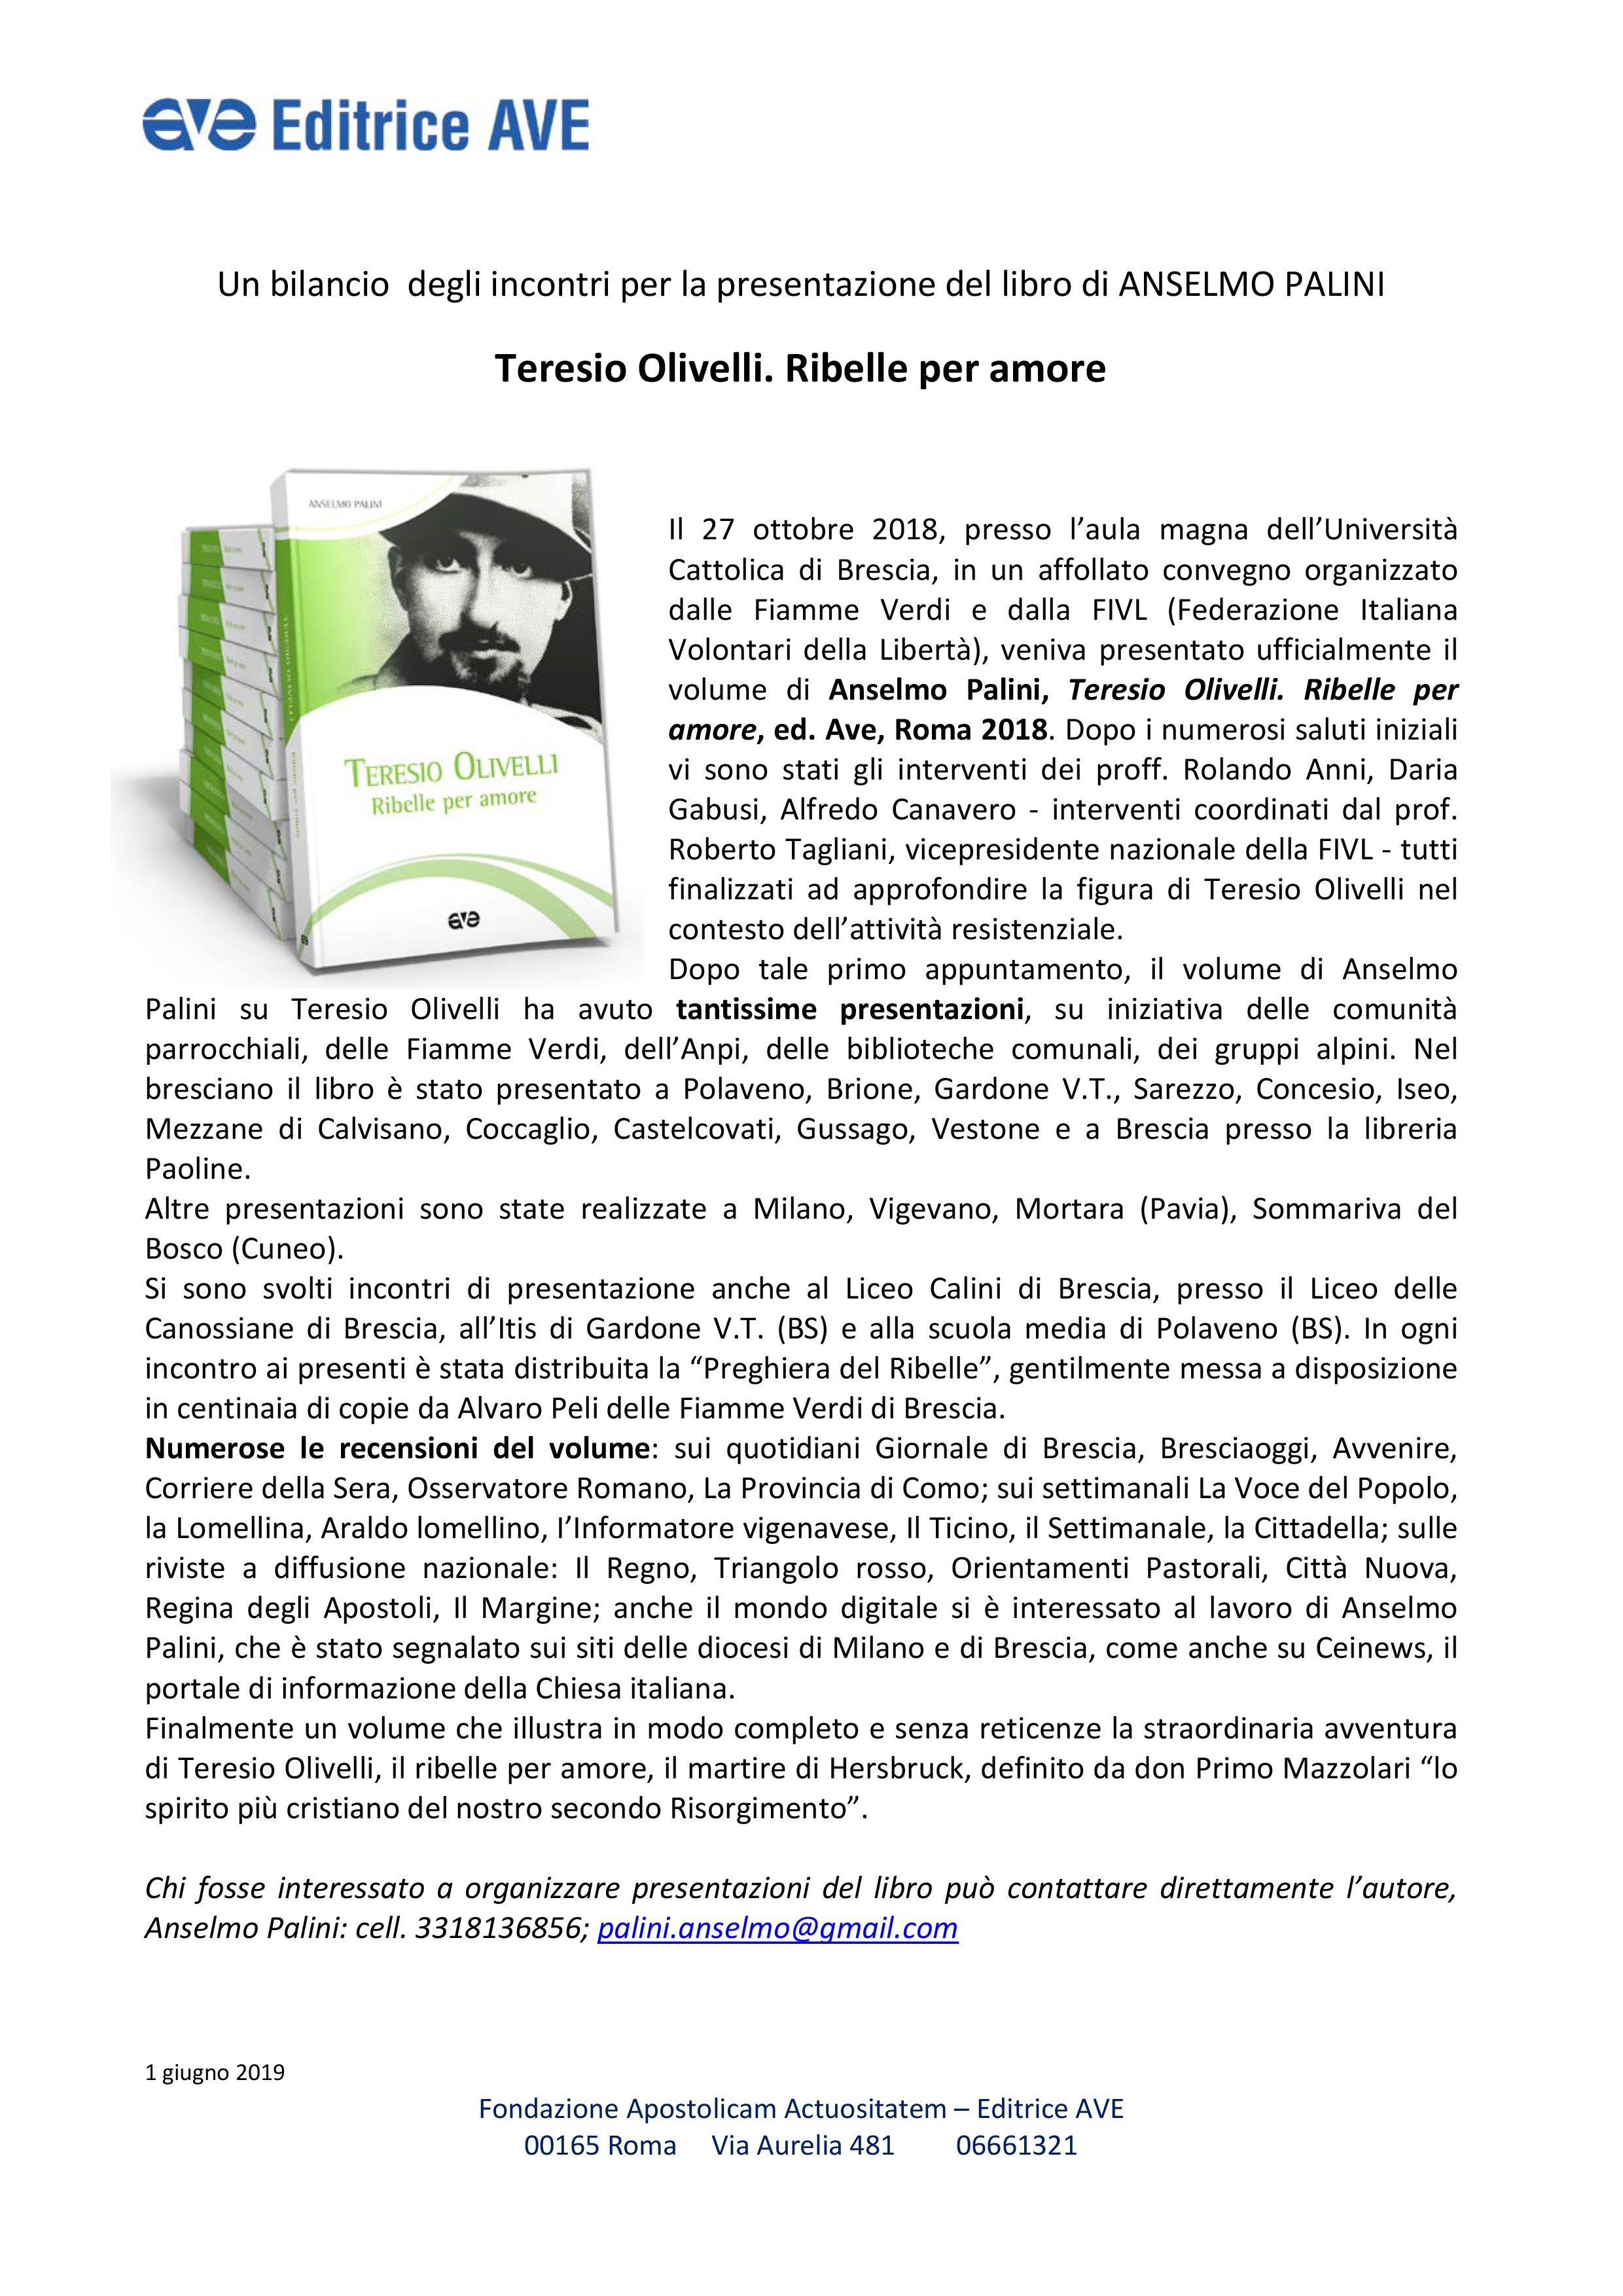 teresio-olivelli-di-anselmo-palini-ed-ave